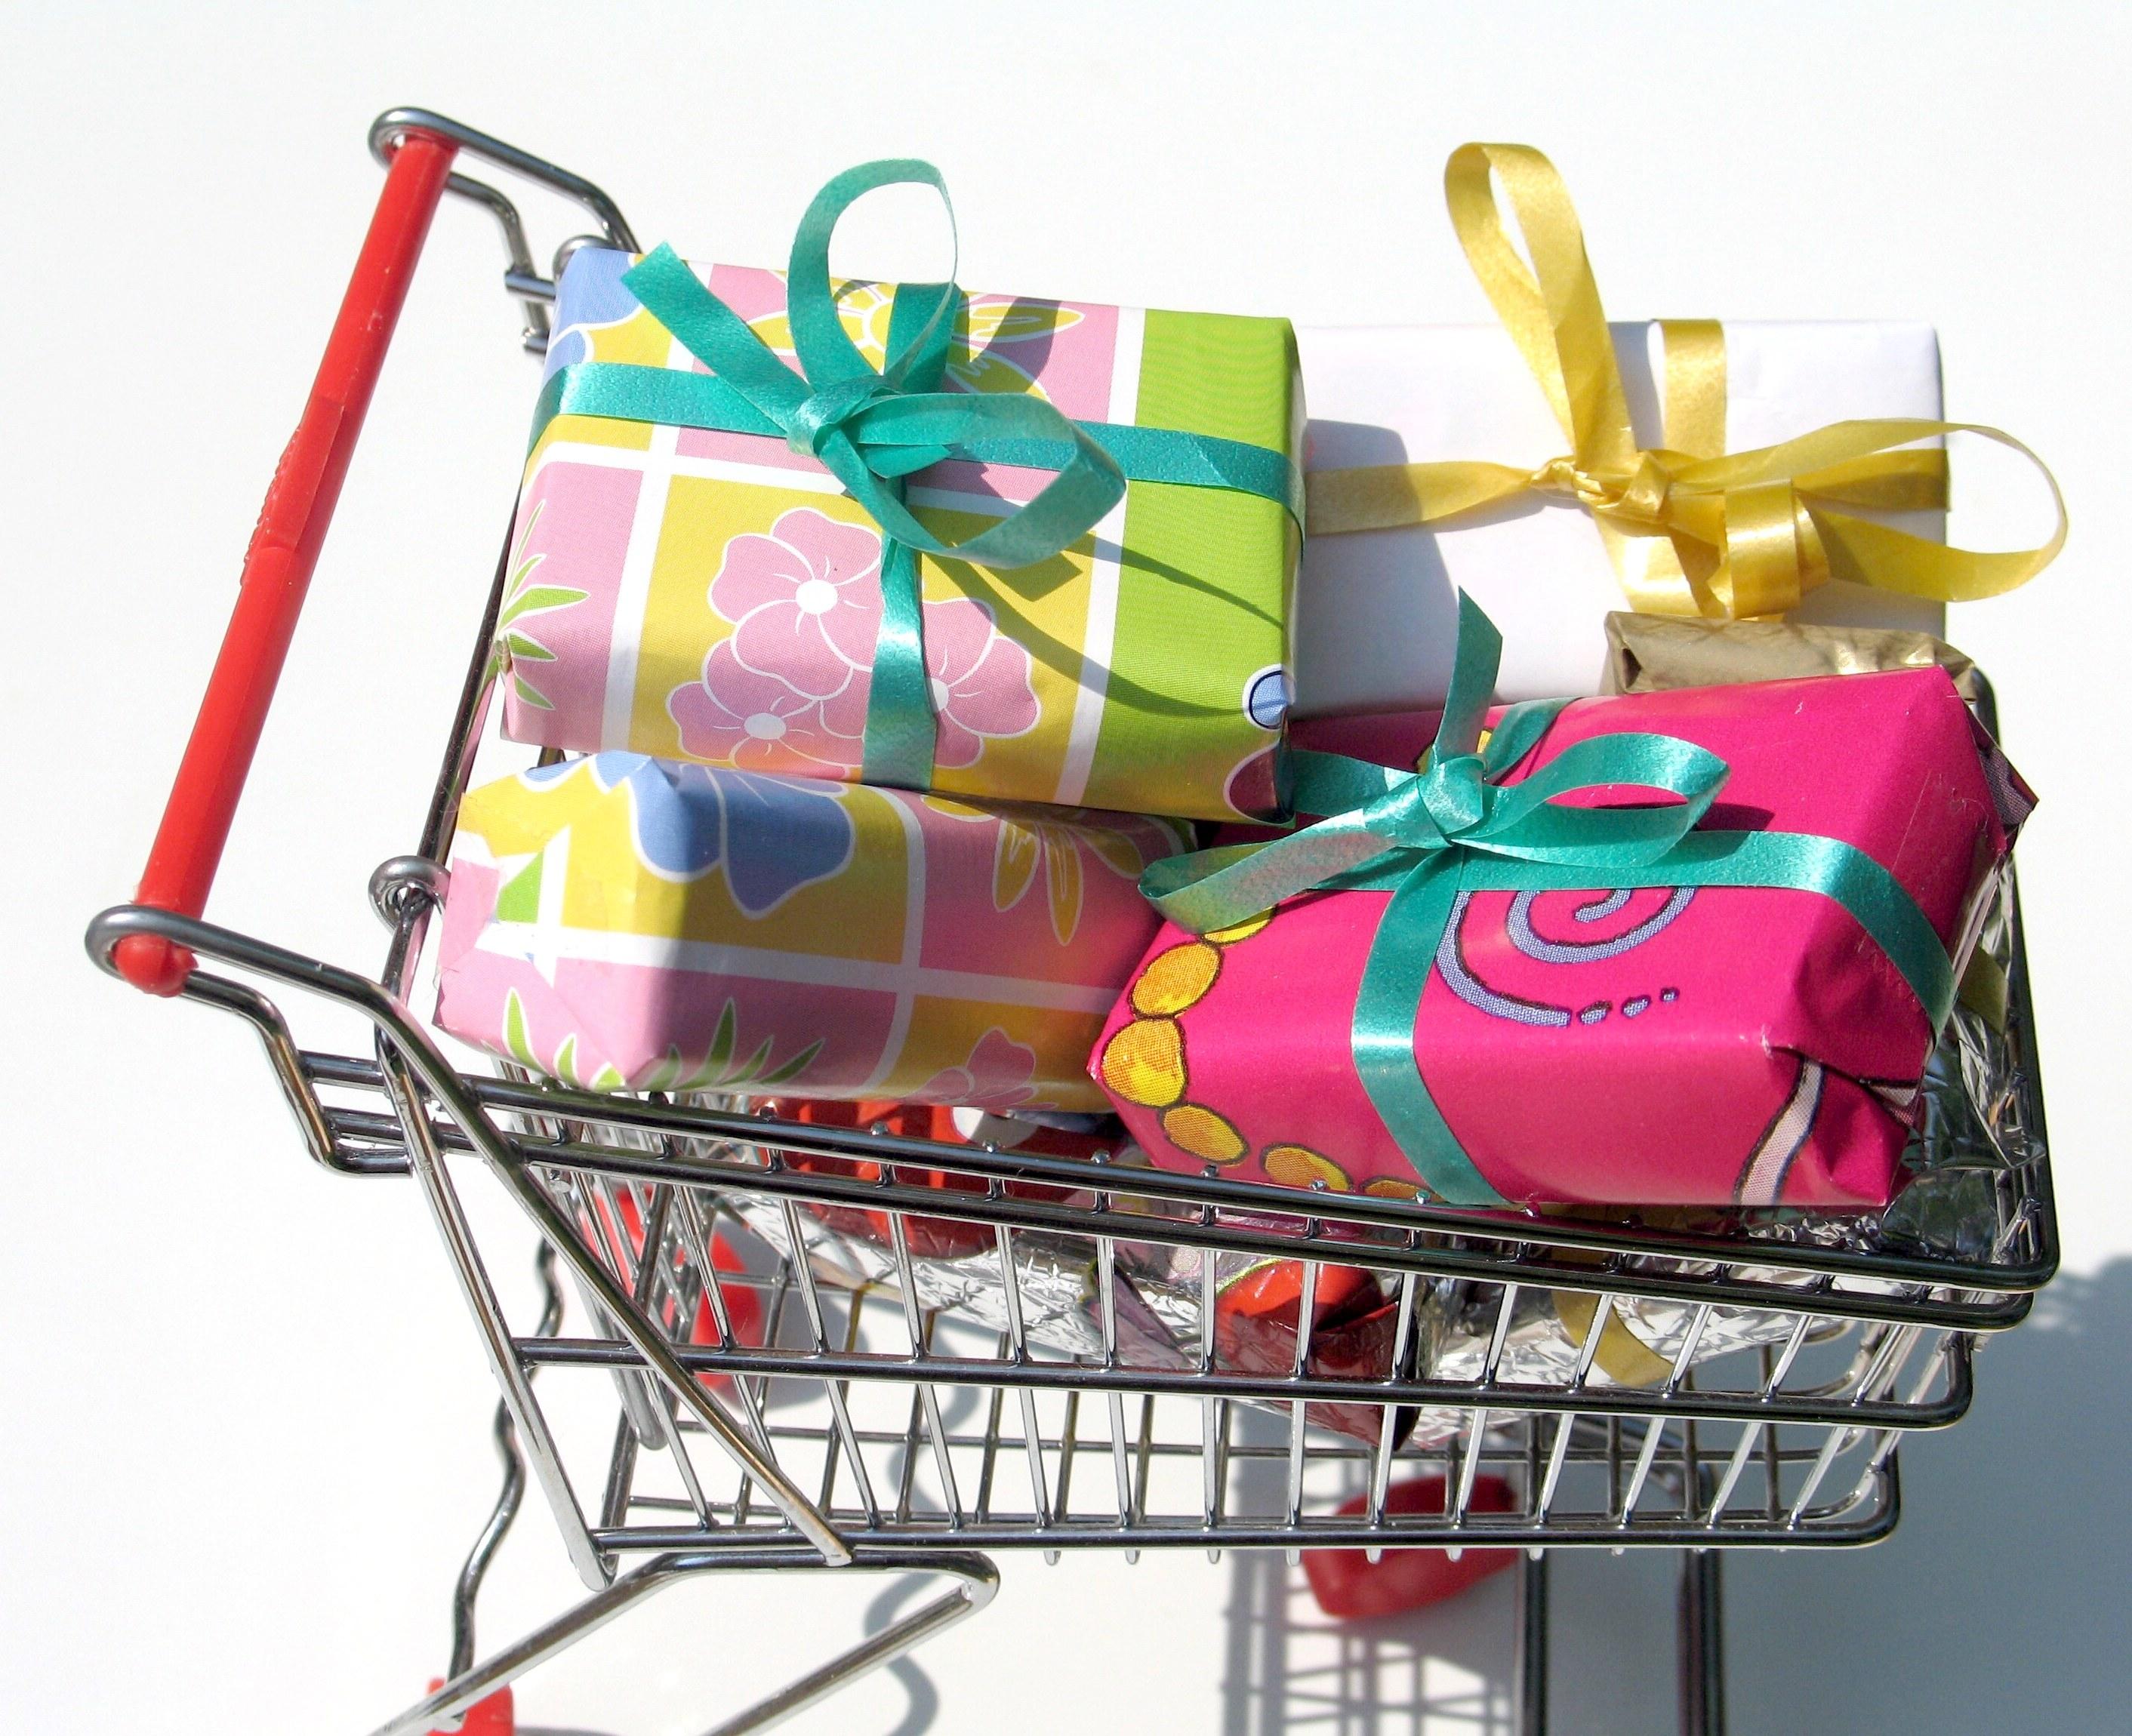 62 места, где можно получить подарок в свой день рождения - ForumDaily 92